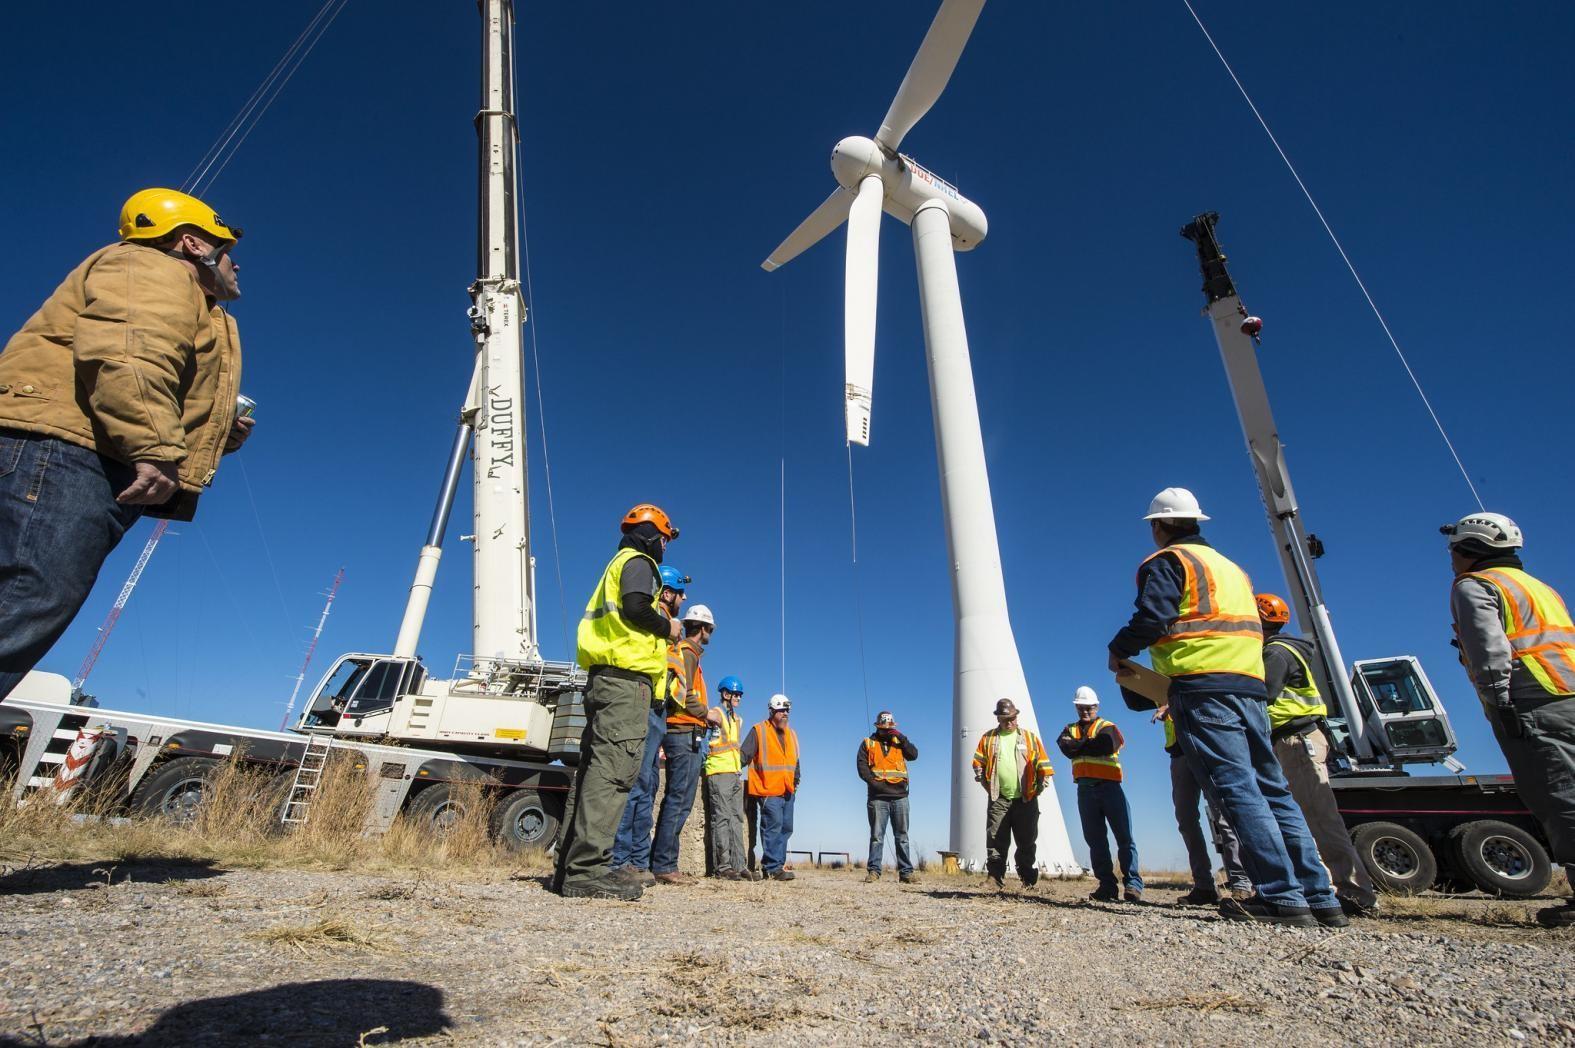 Workers install new wind turbine blades